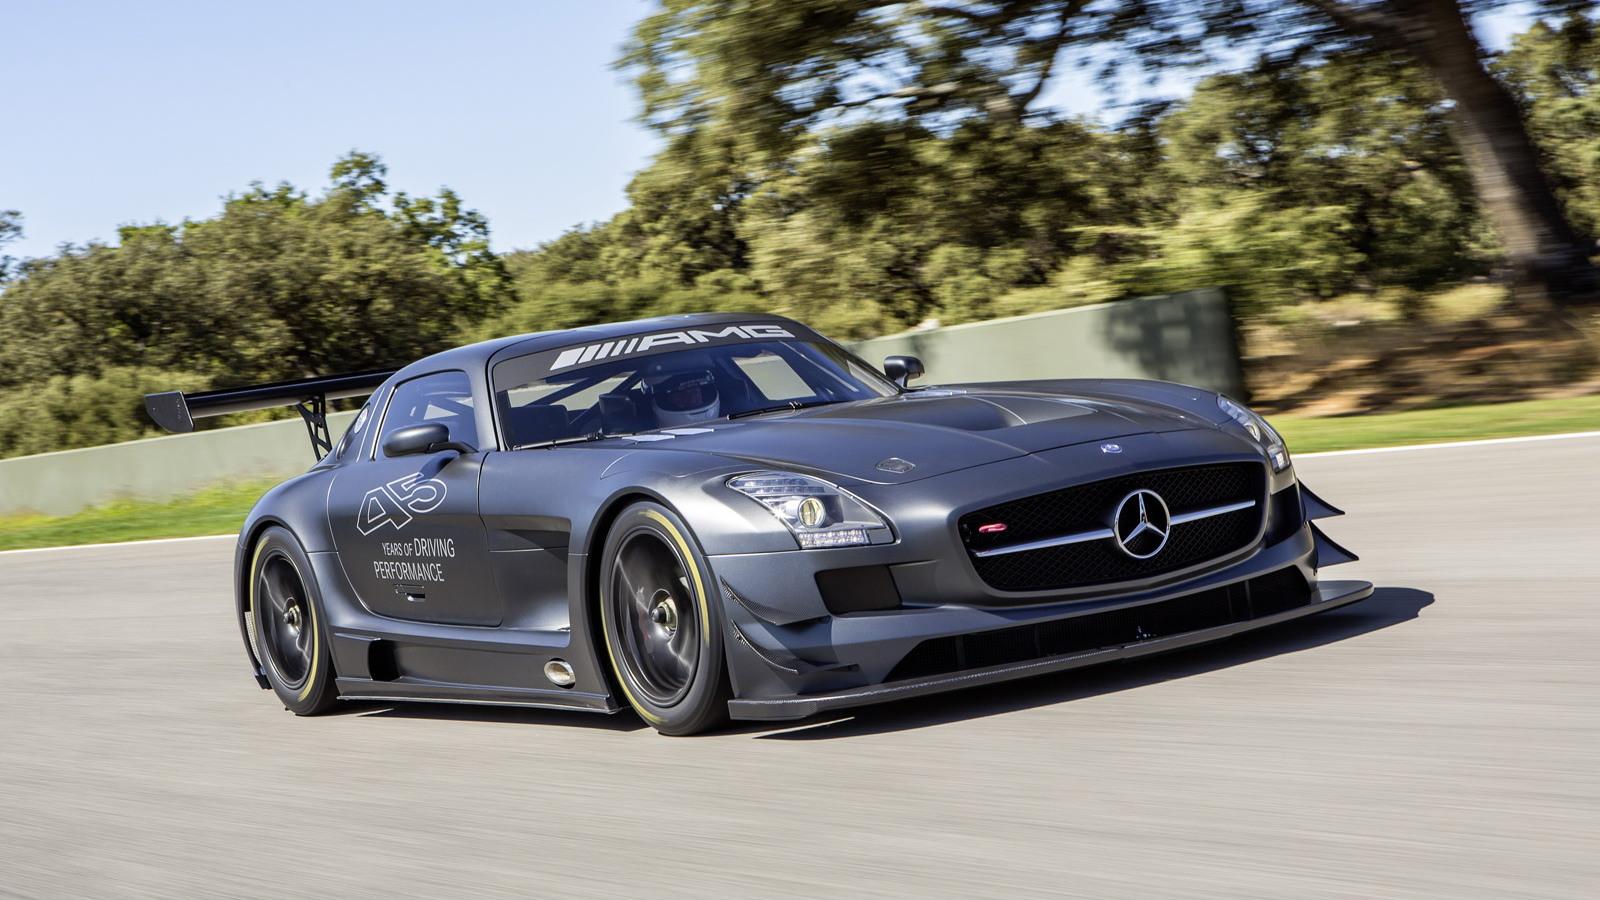 Mercedes-Benz SLS AMG GT3 45th Anniversary race car